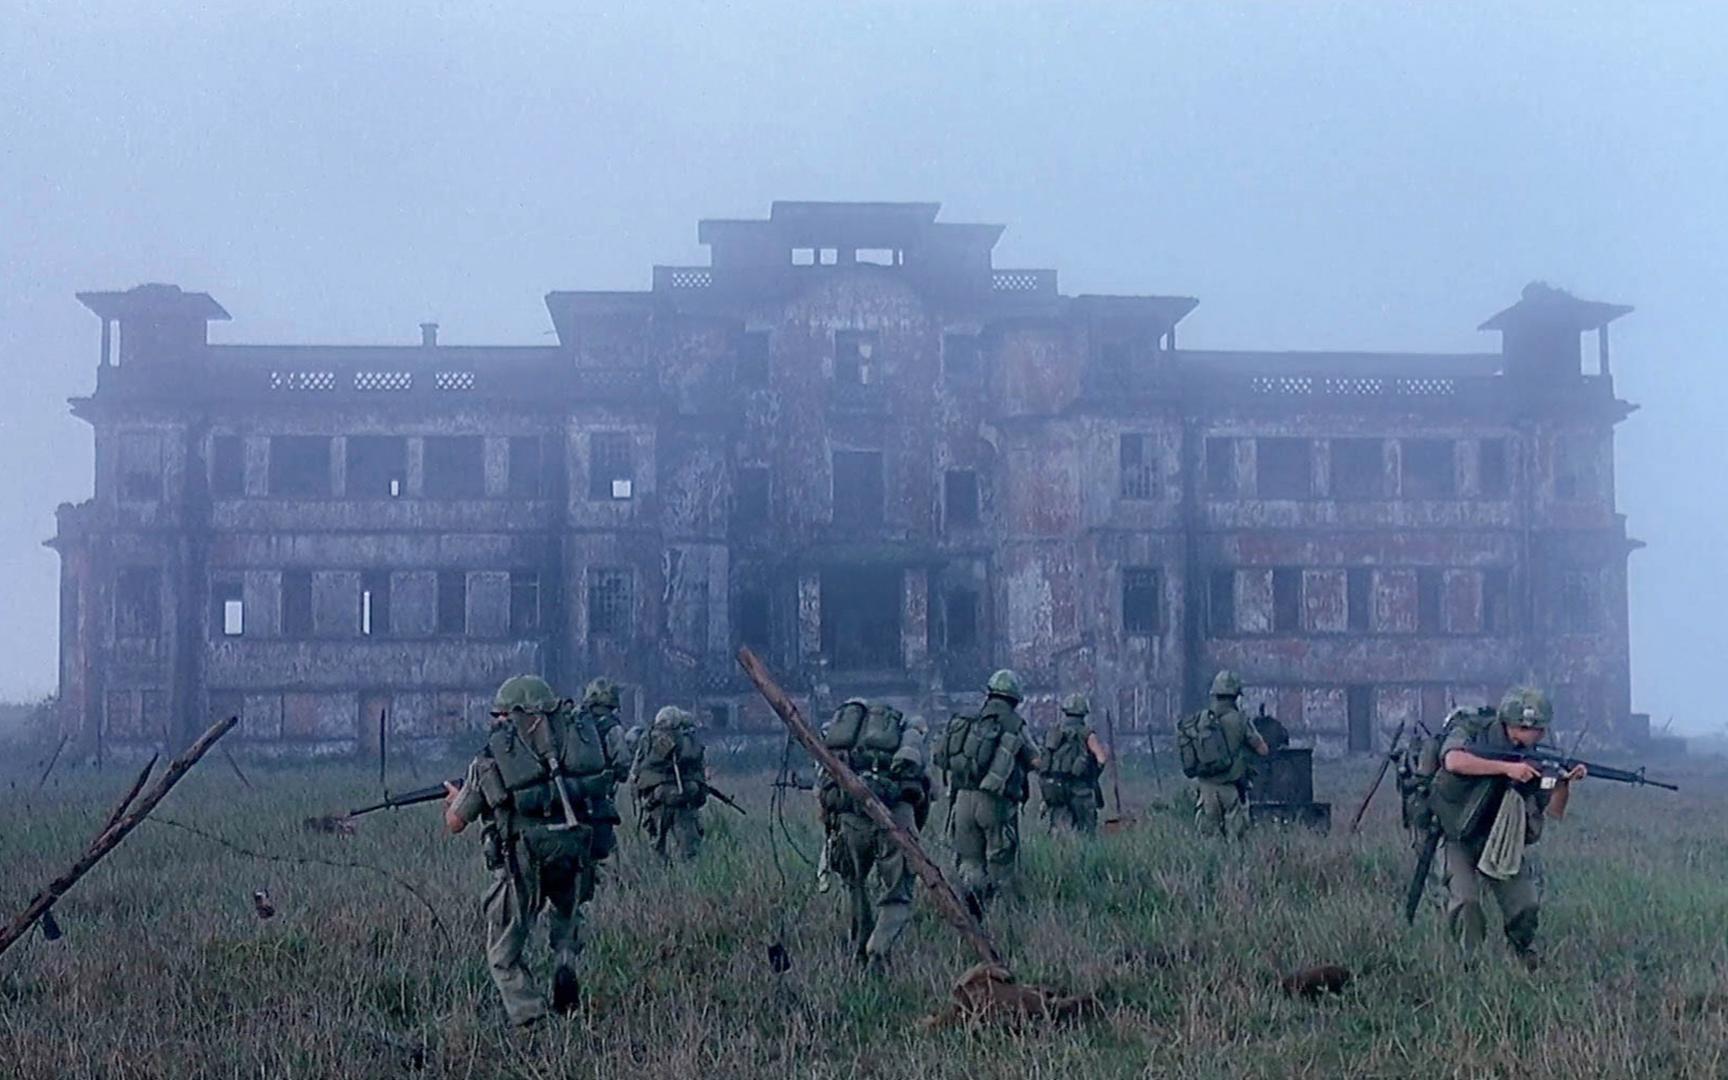 32万士兵在诡异地界相继失踪,士兵受命调查,却发现恐怖真相